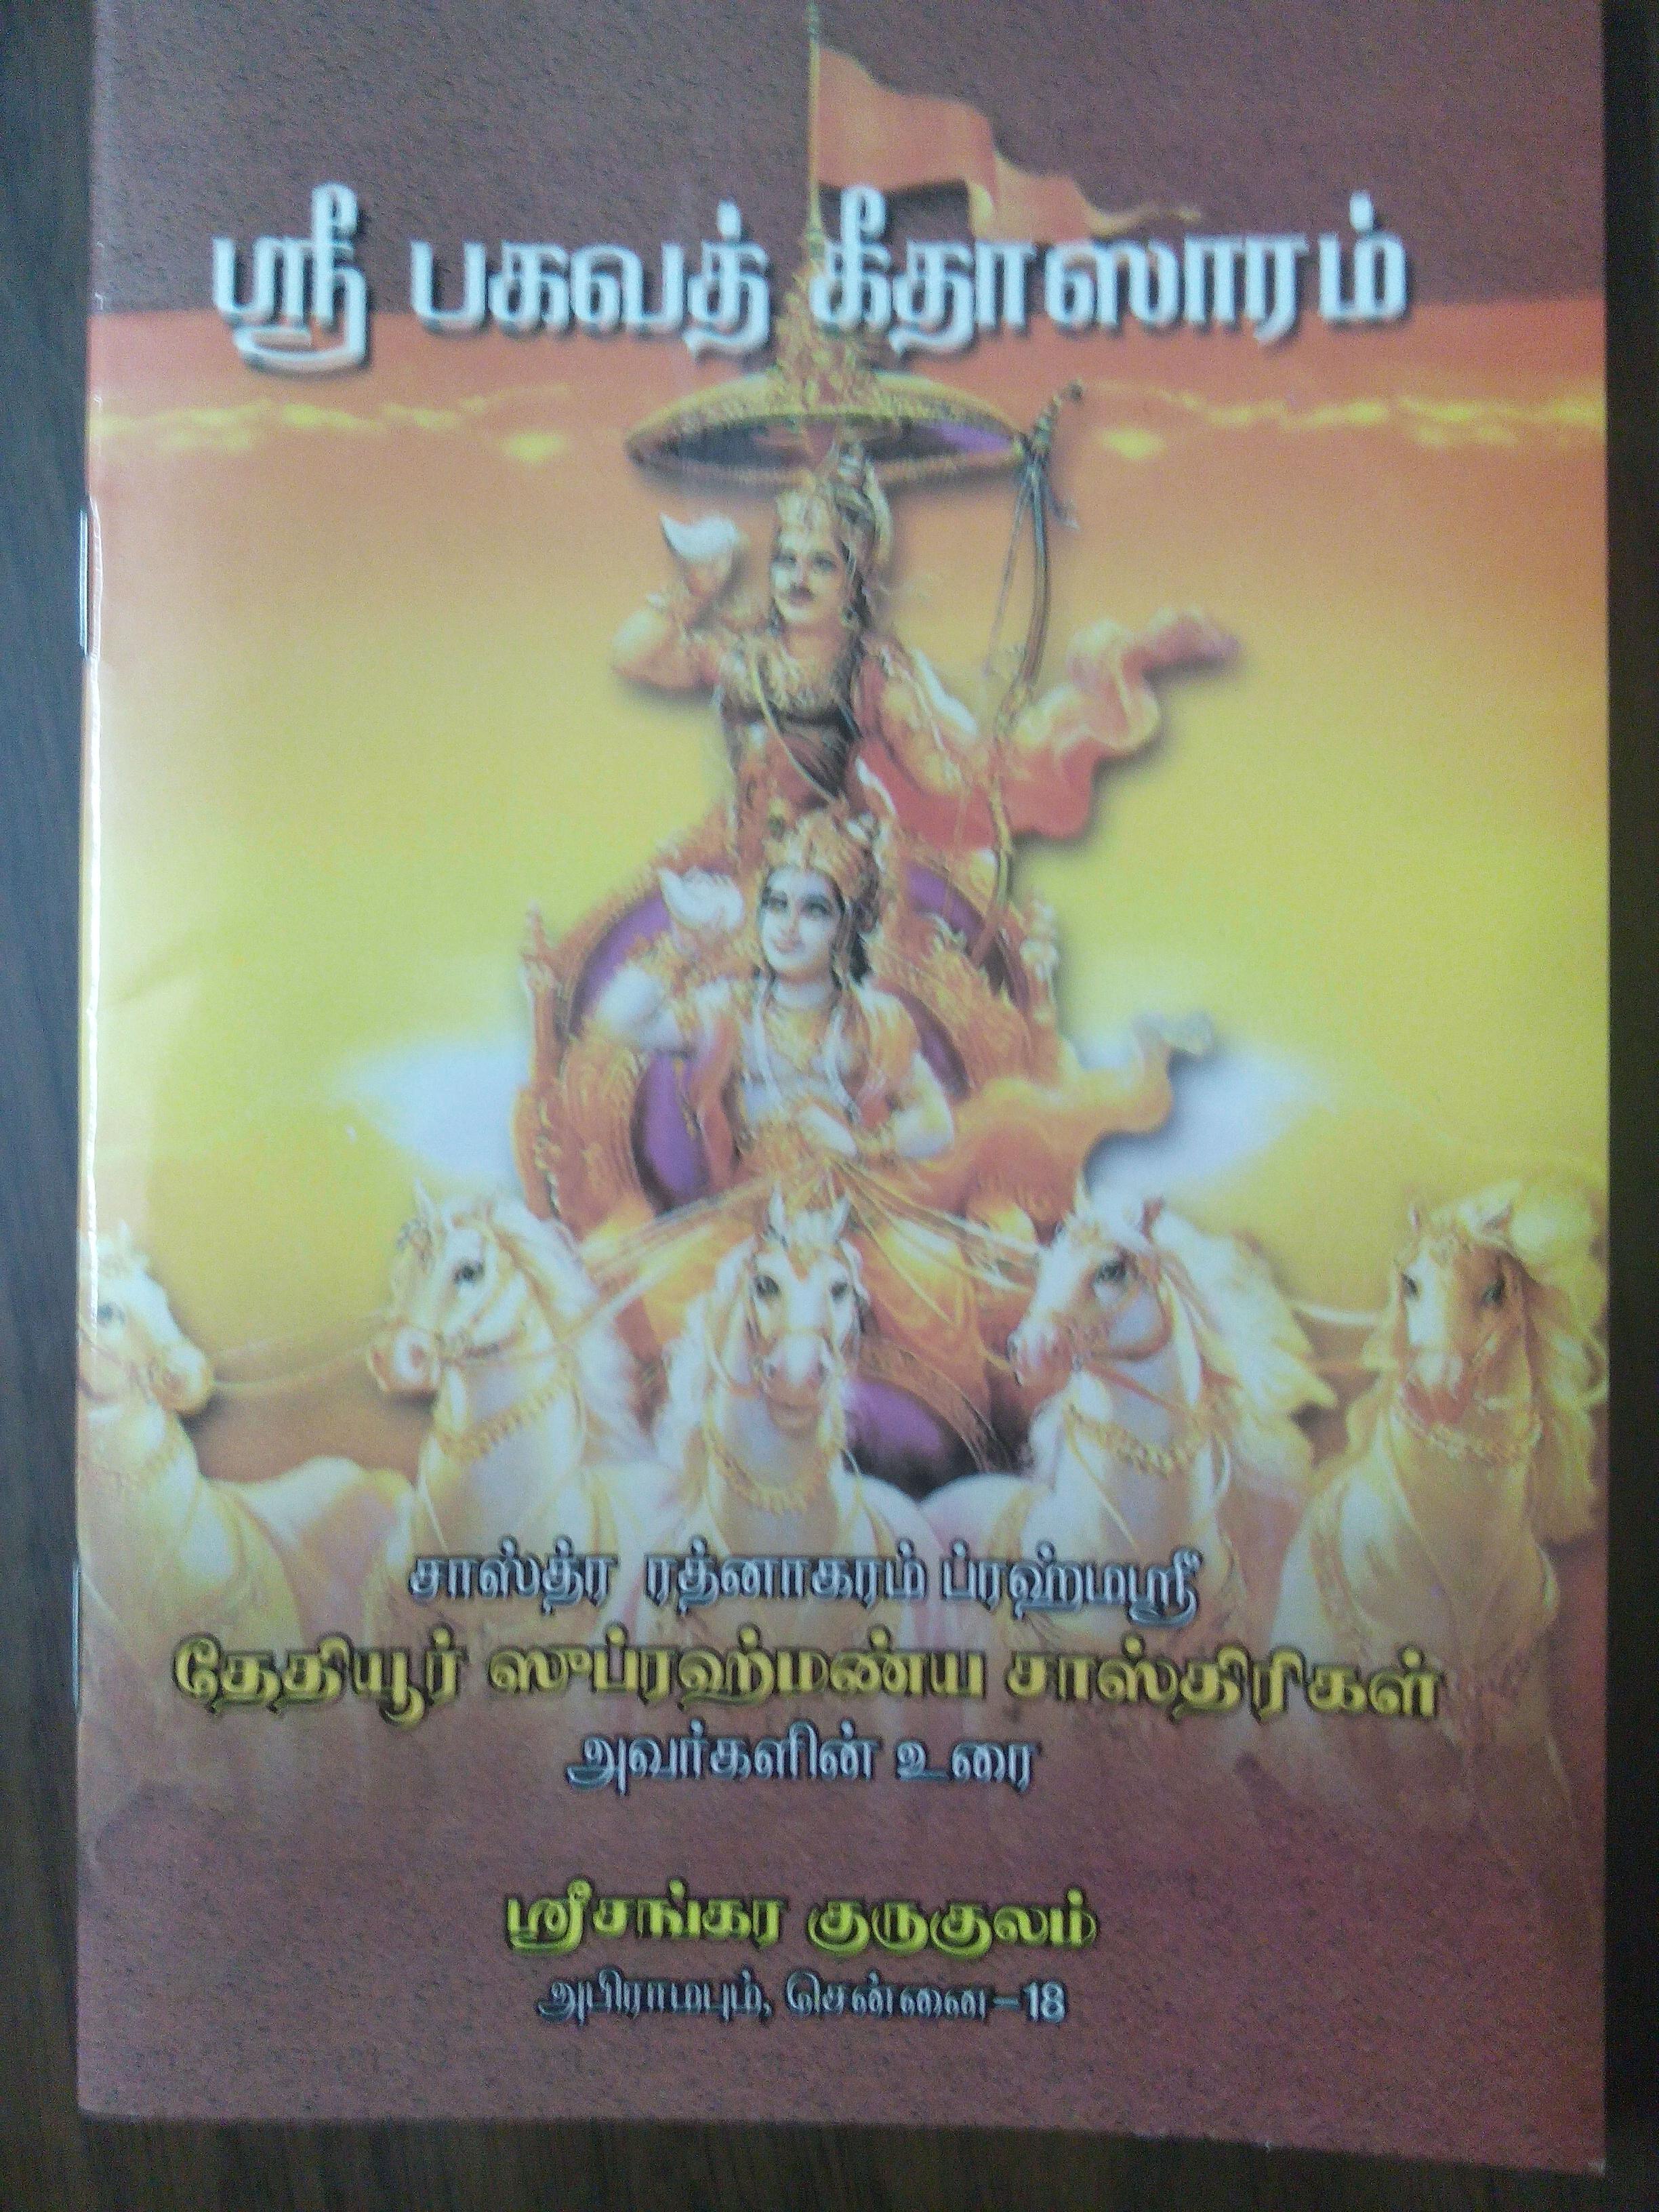 ஸ்ரீ பகவத் கீதாஸாரம்